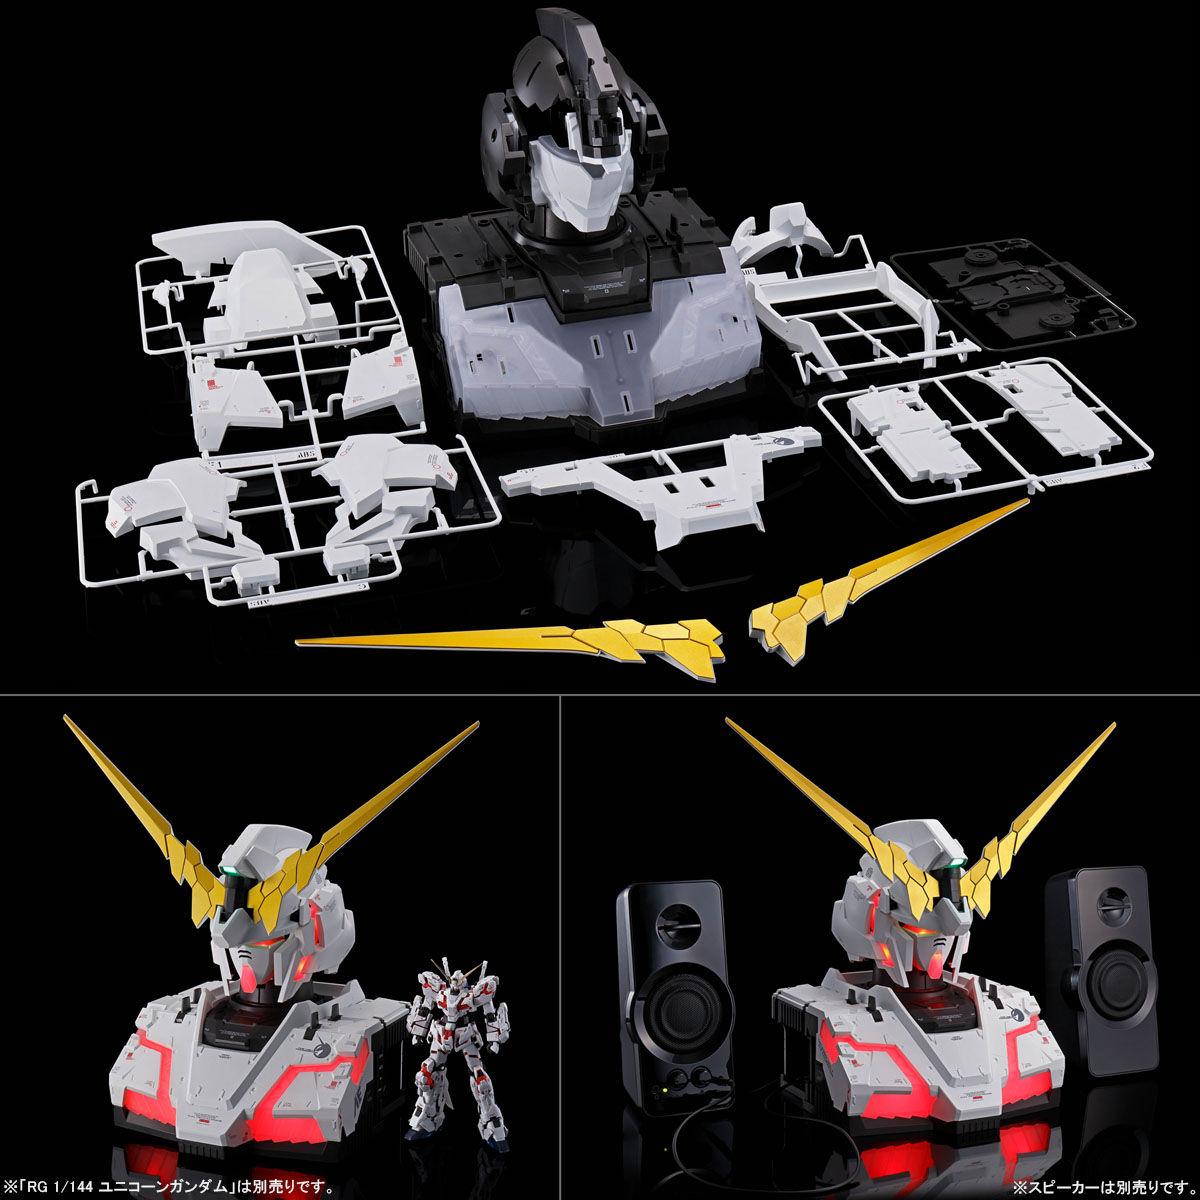 【限定販売】REAL EXPERIENCE MODEL『RX-0 ユニコーンガンダム(AUTO-TRANS edition)』ガンダムUC プラモデル-006